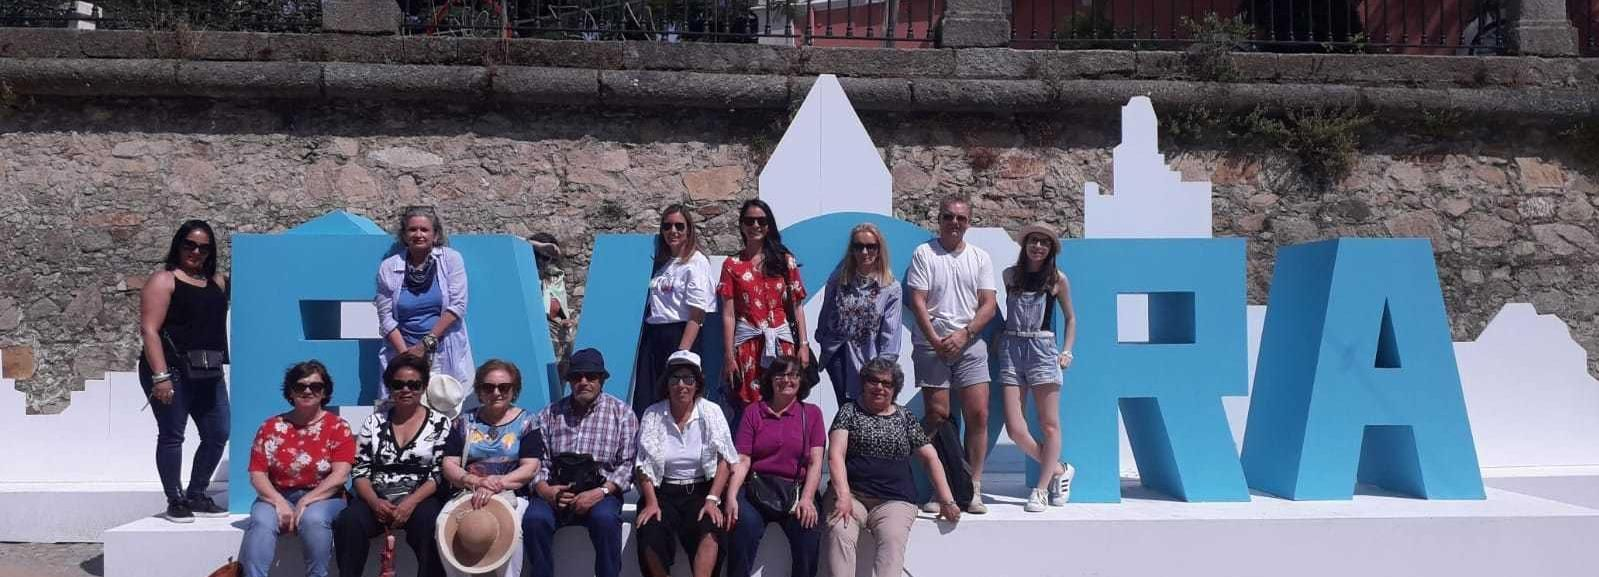 Lisboa: Excursão Évora com Passeio de Barco